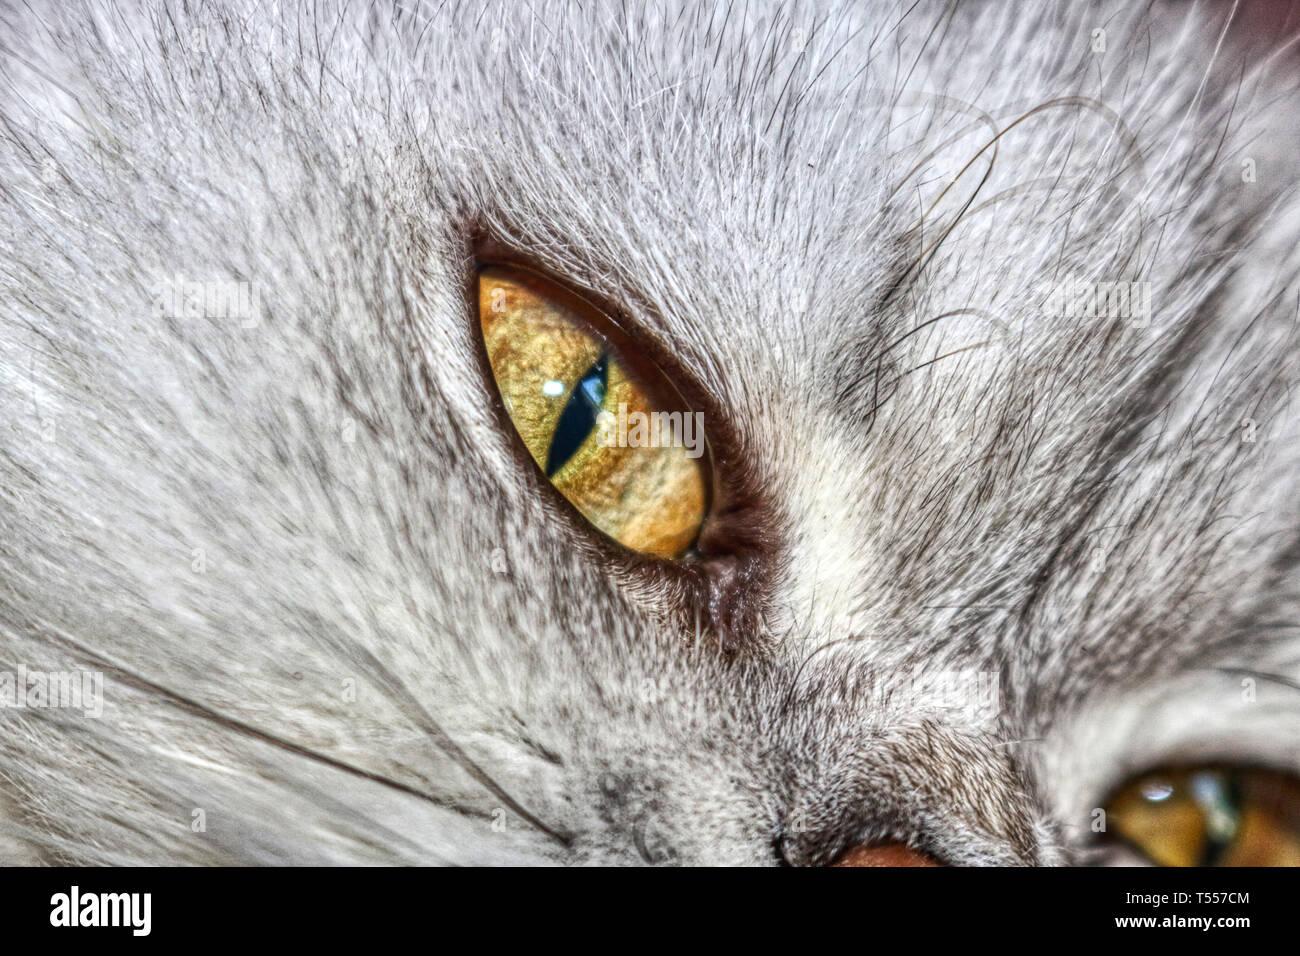 Gatto Domestico Persiano Di Cincillà Con Occhi Verdi Immagini